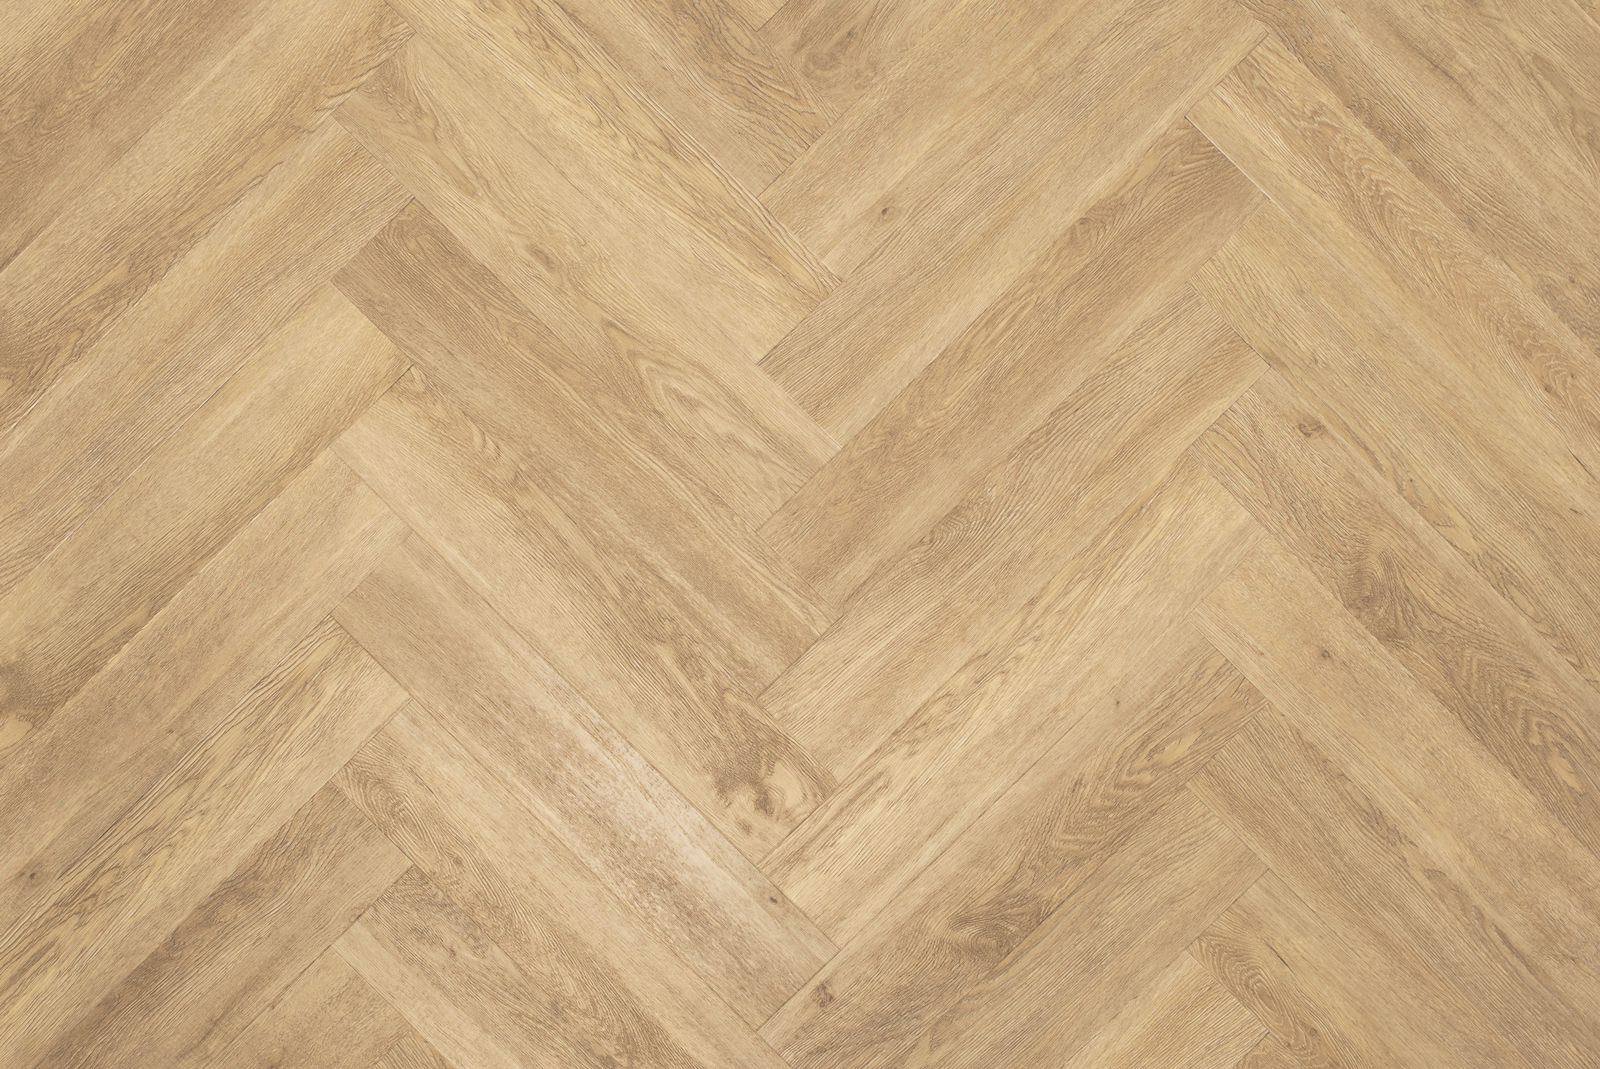 Pvc Visgraat Vloer : Visgraat pvc vloeren kunststof patroon mflor floer parva plus